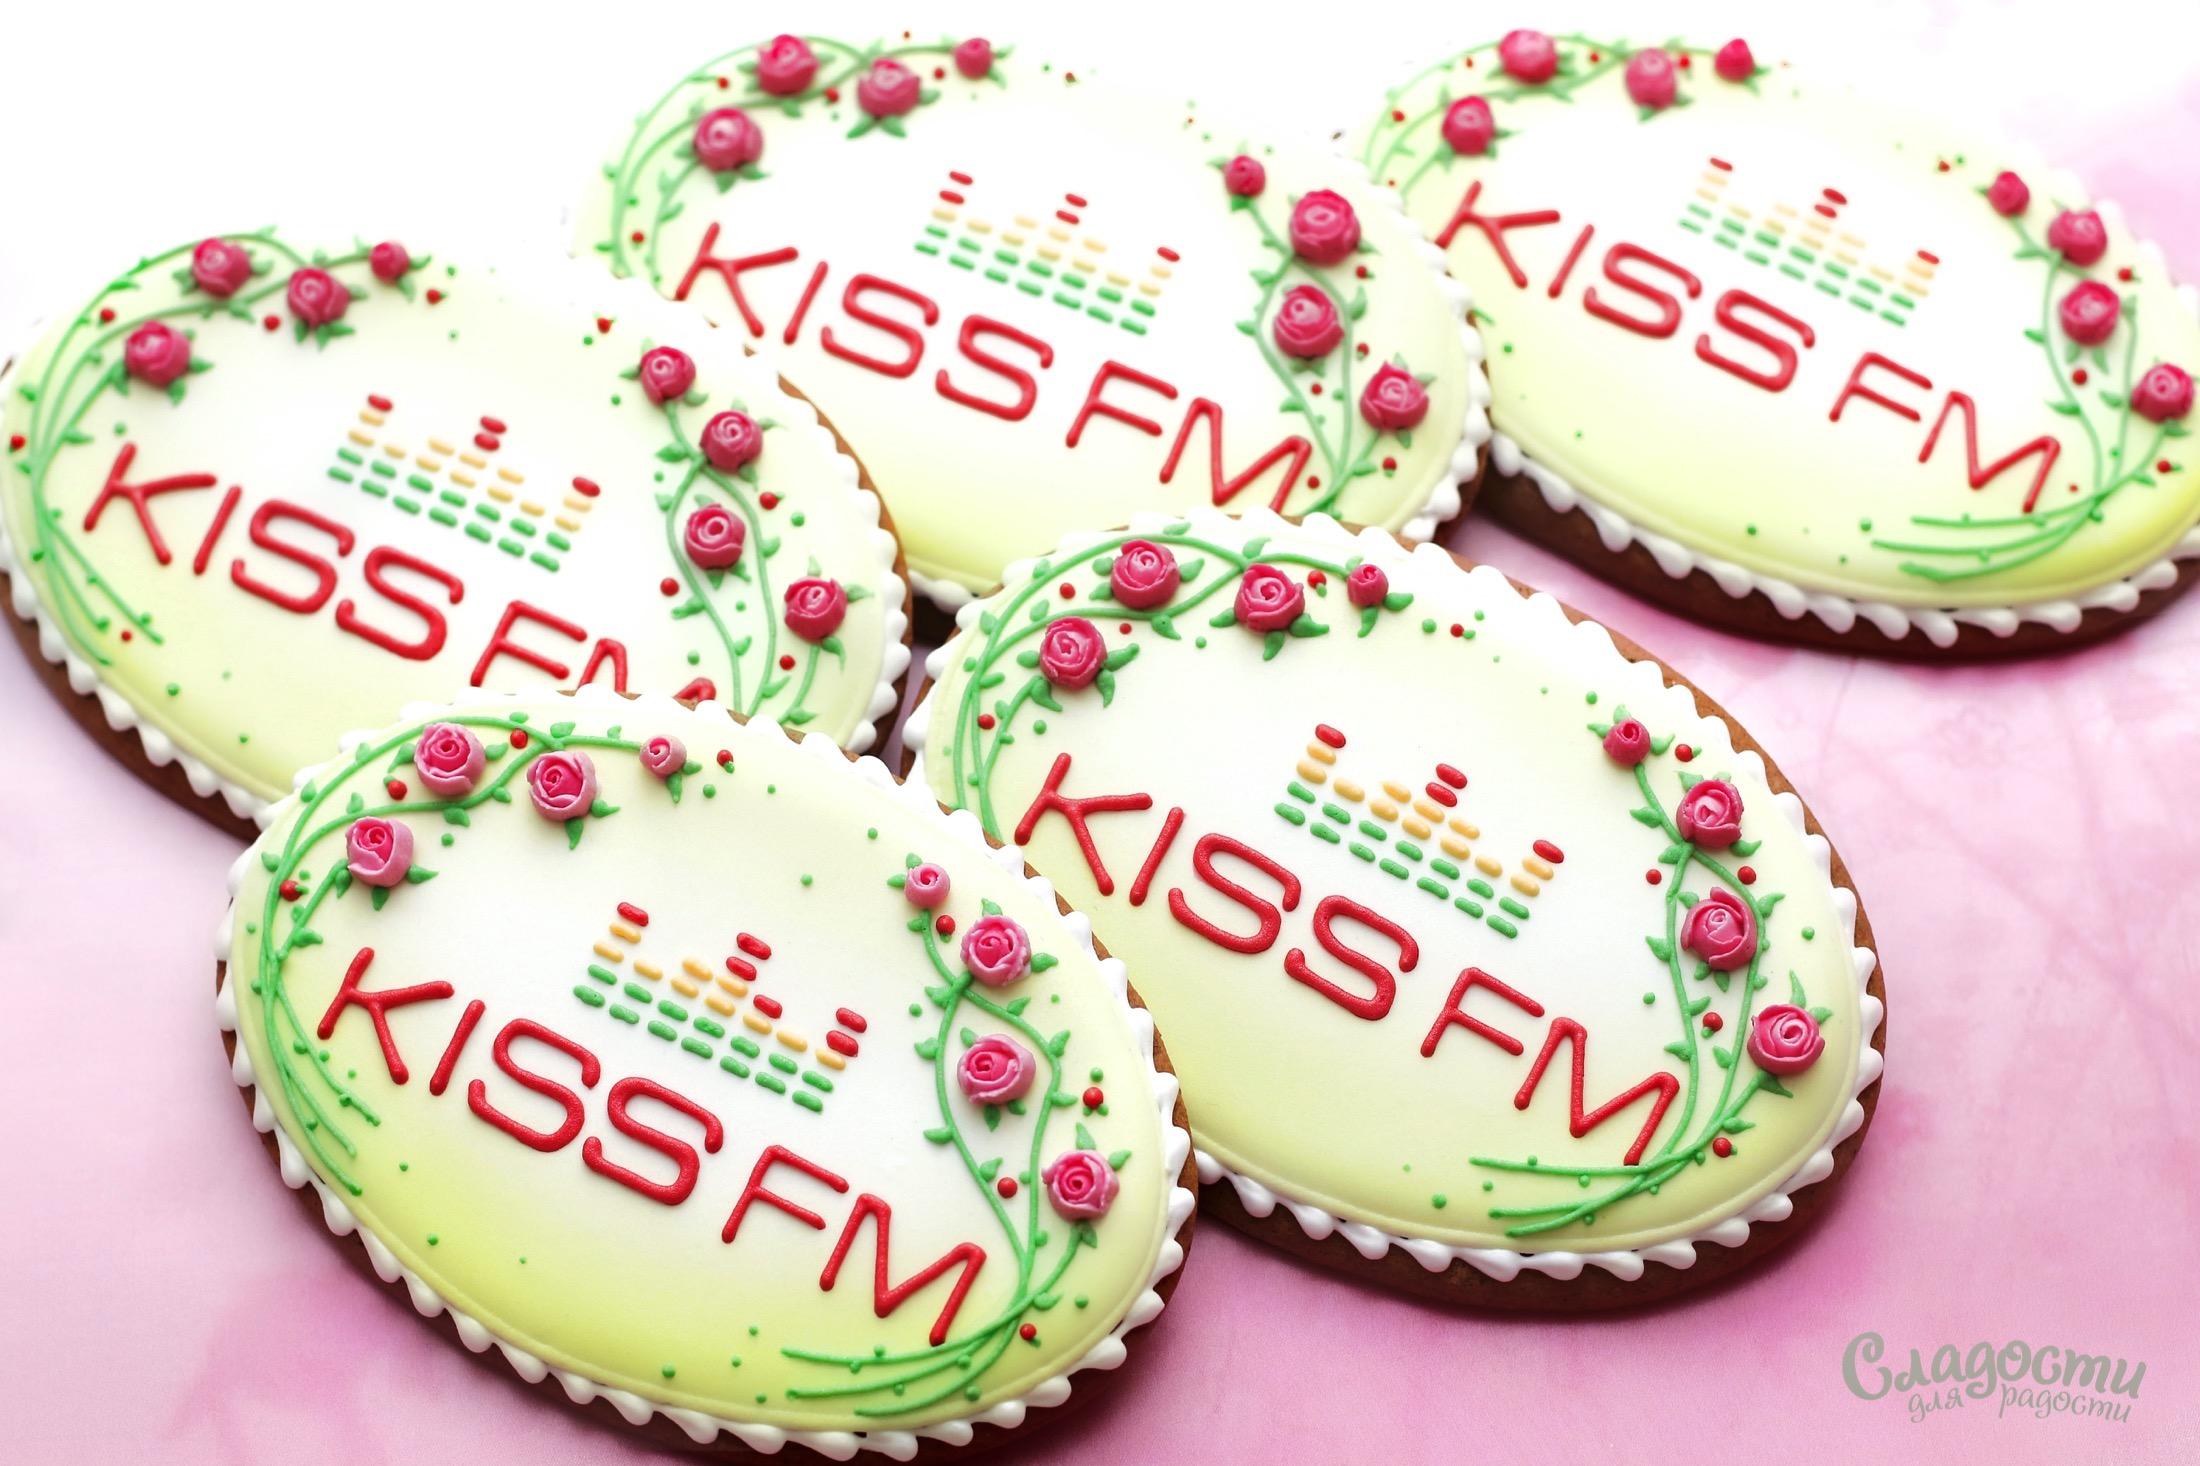 """Пряник """"KISS FM"""""""